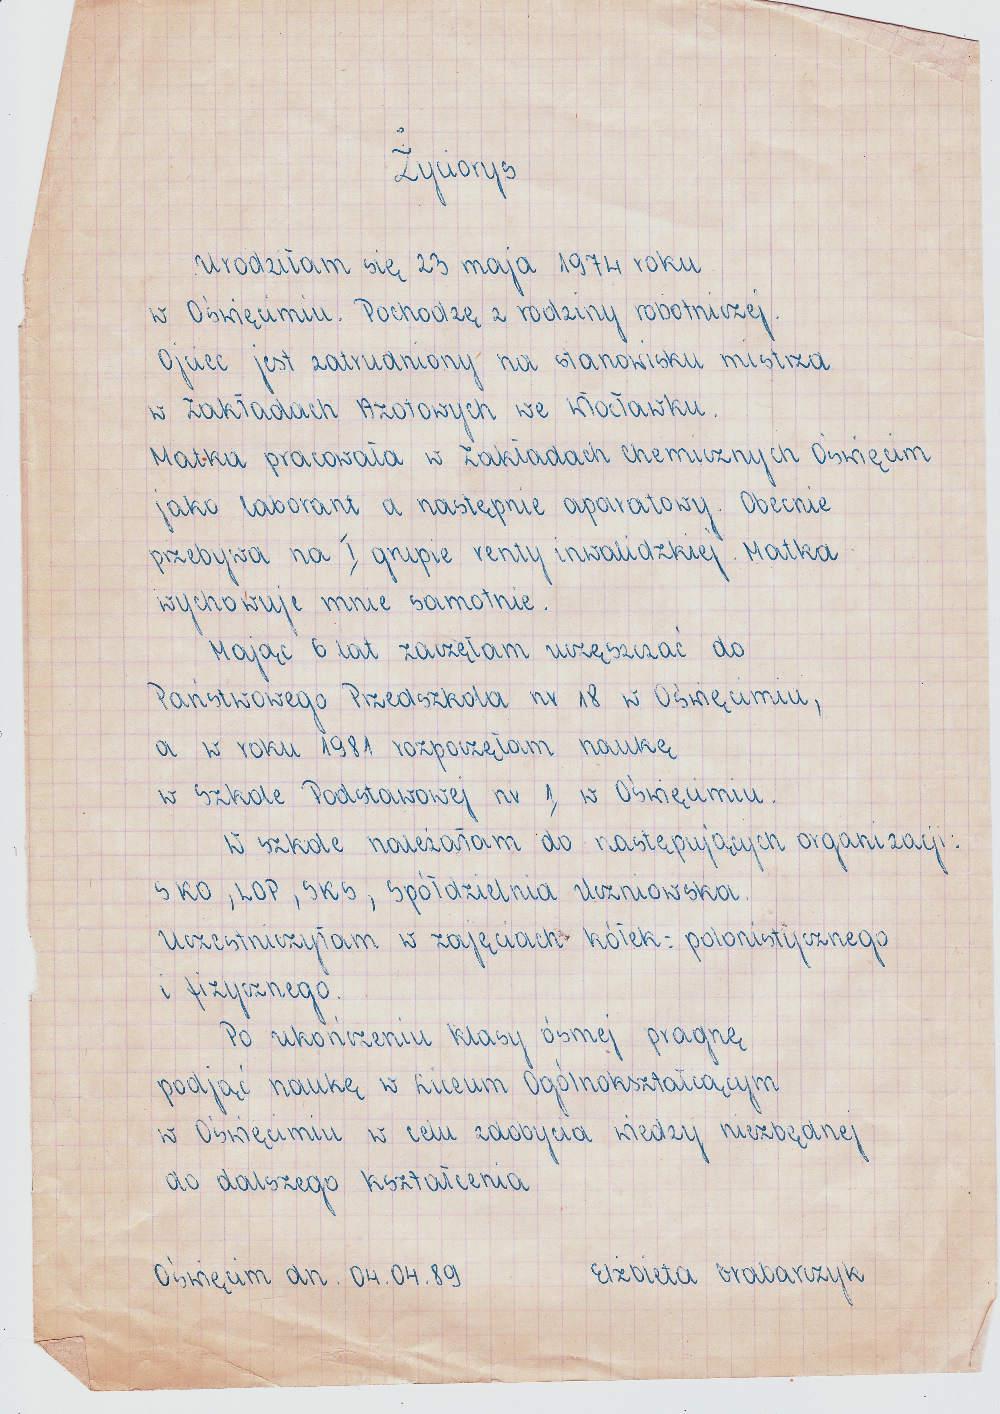 Photo: życiorys Oświęcim, 4 kwietnia 1989 r. scenki.blogspot.com